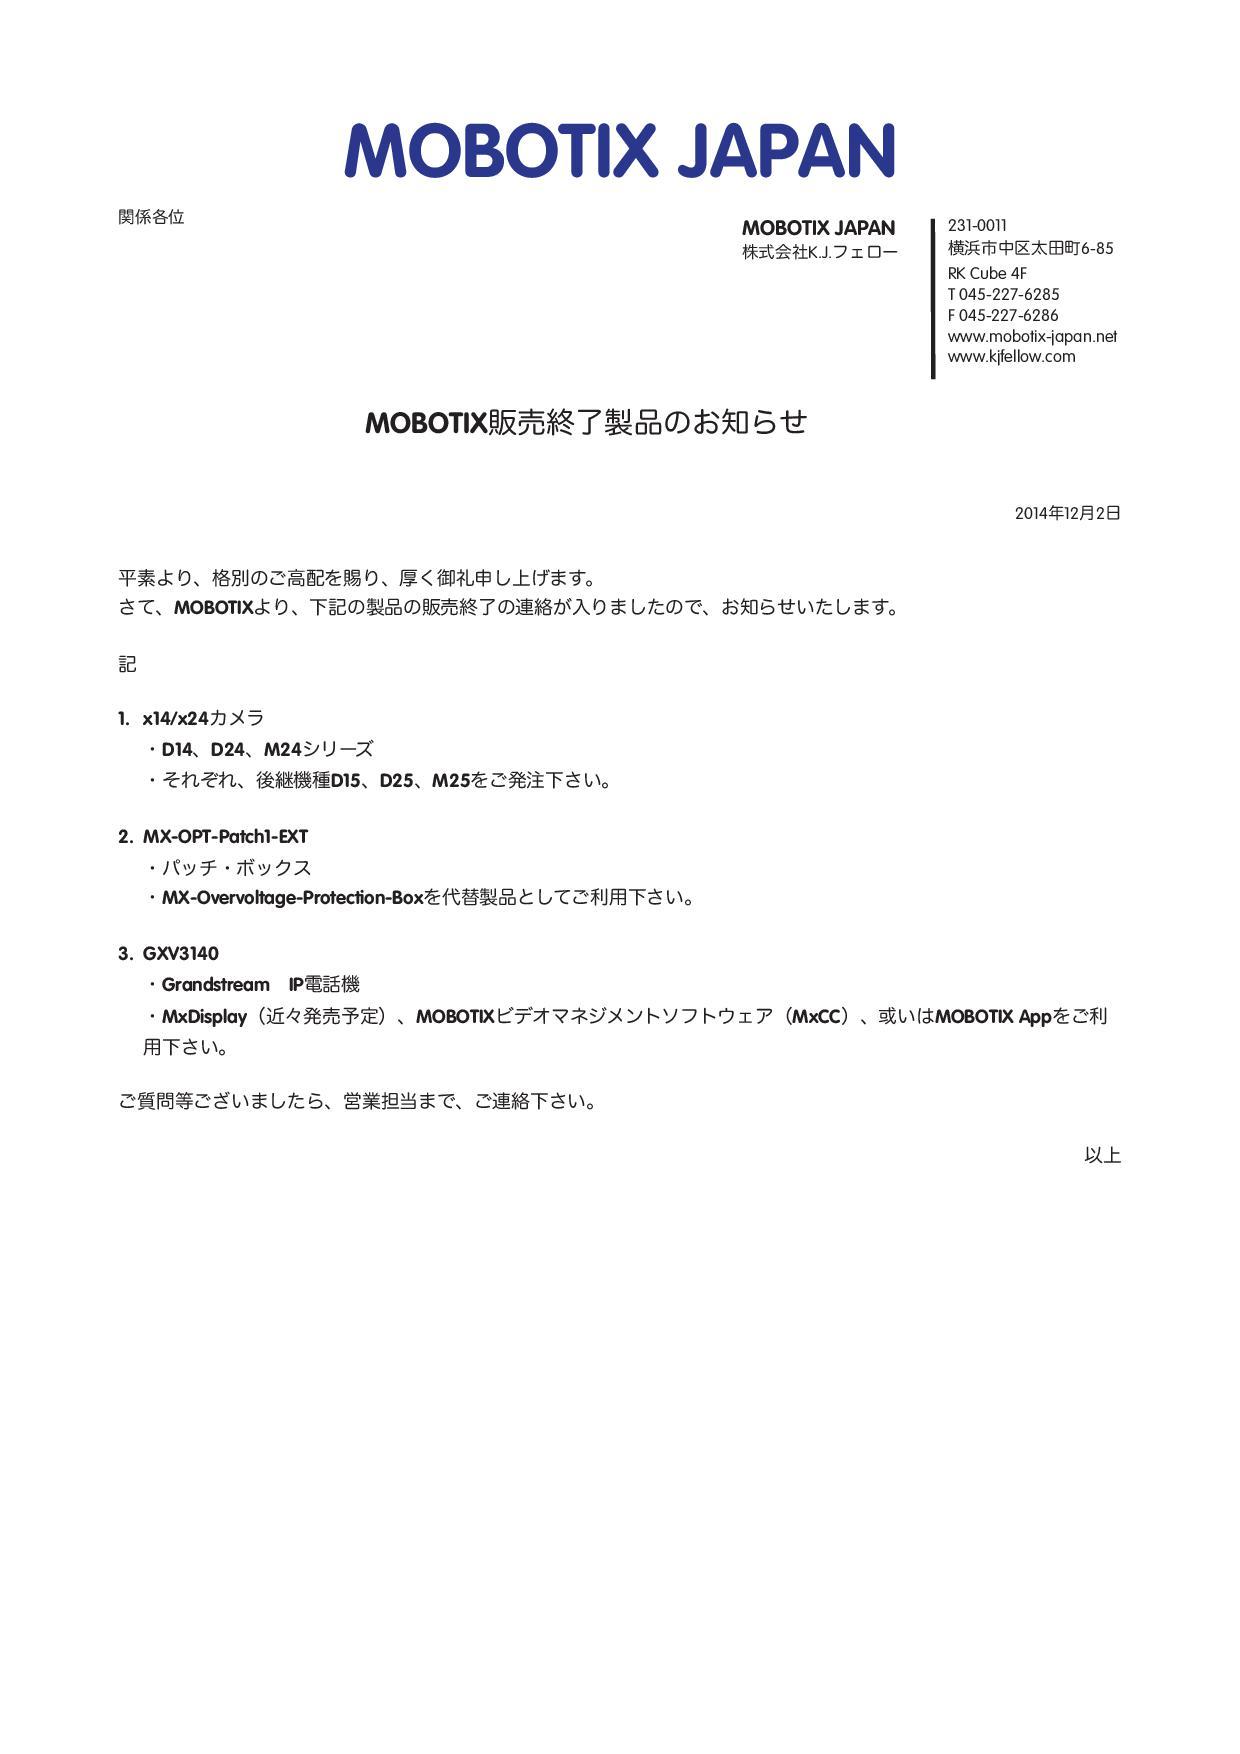 プレスリリース 販売終了製品のお知らせ20141202